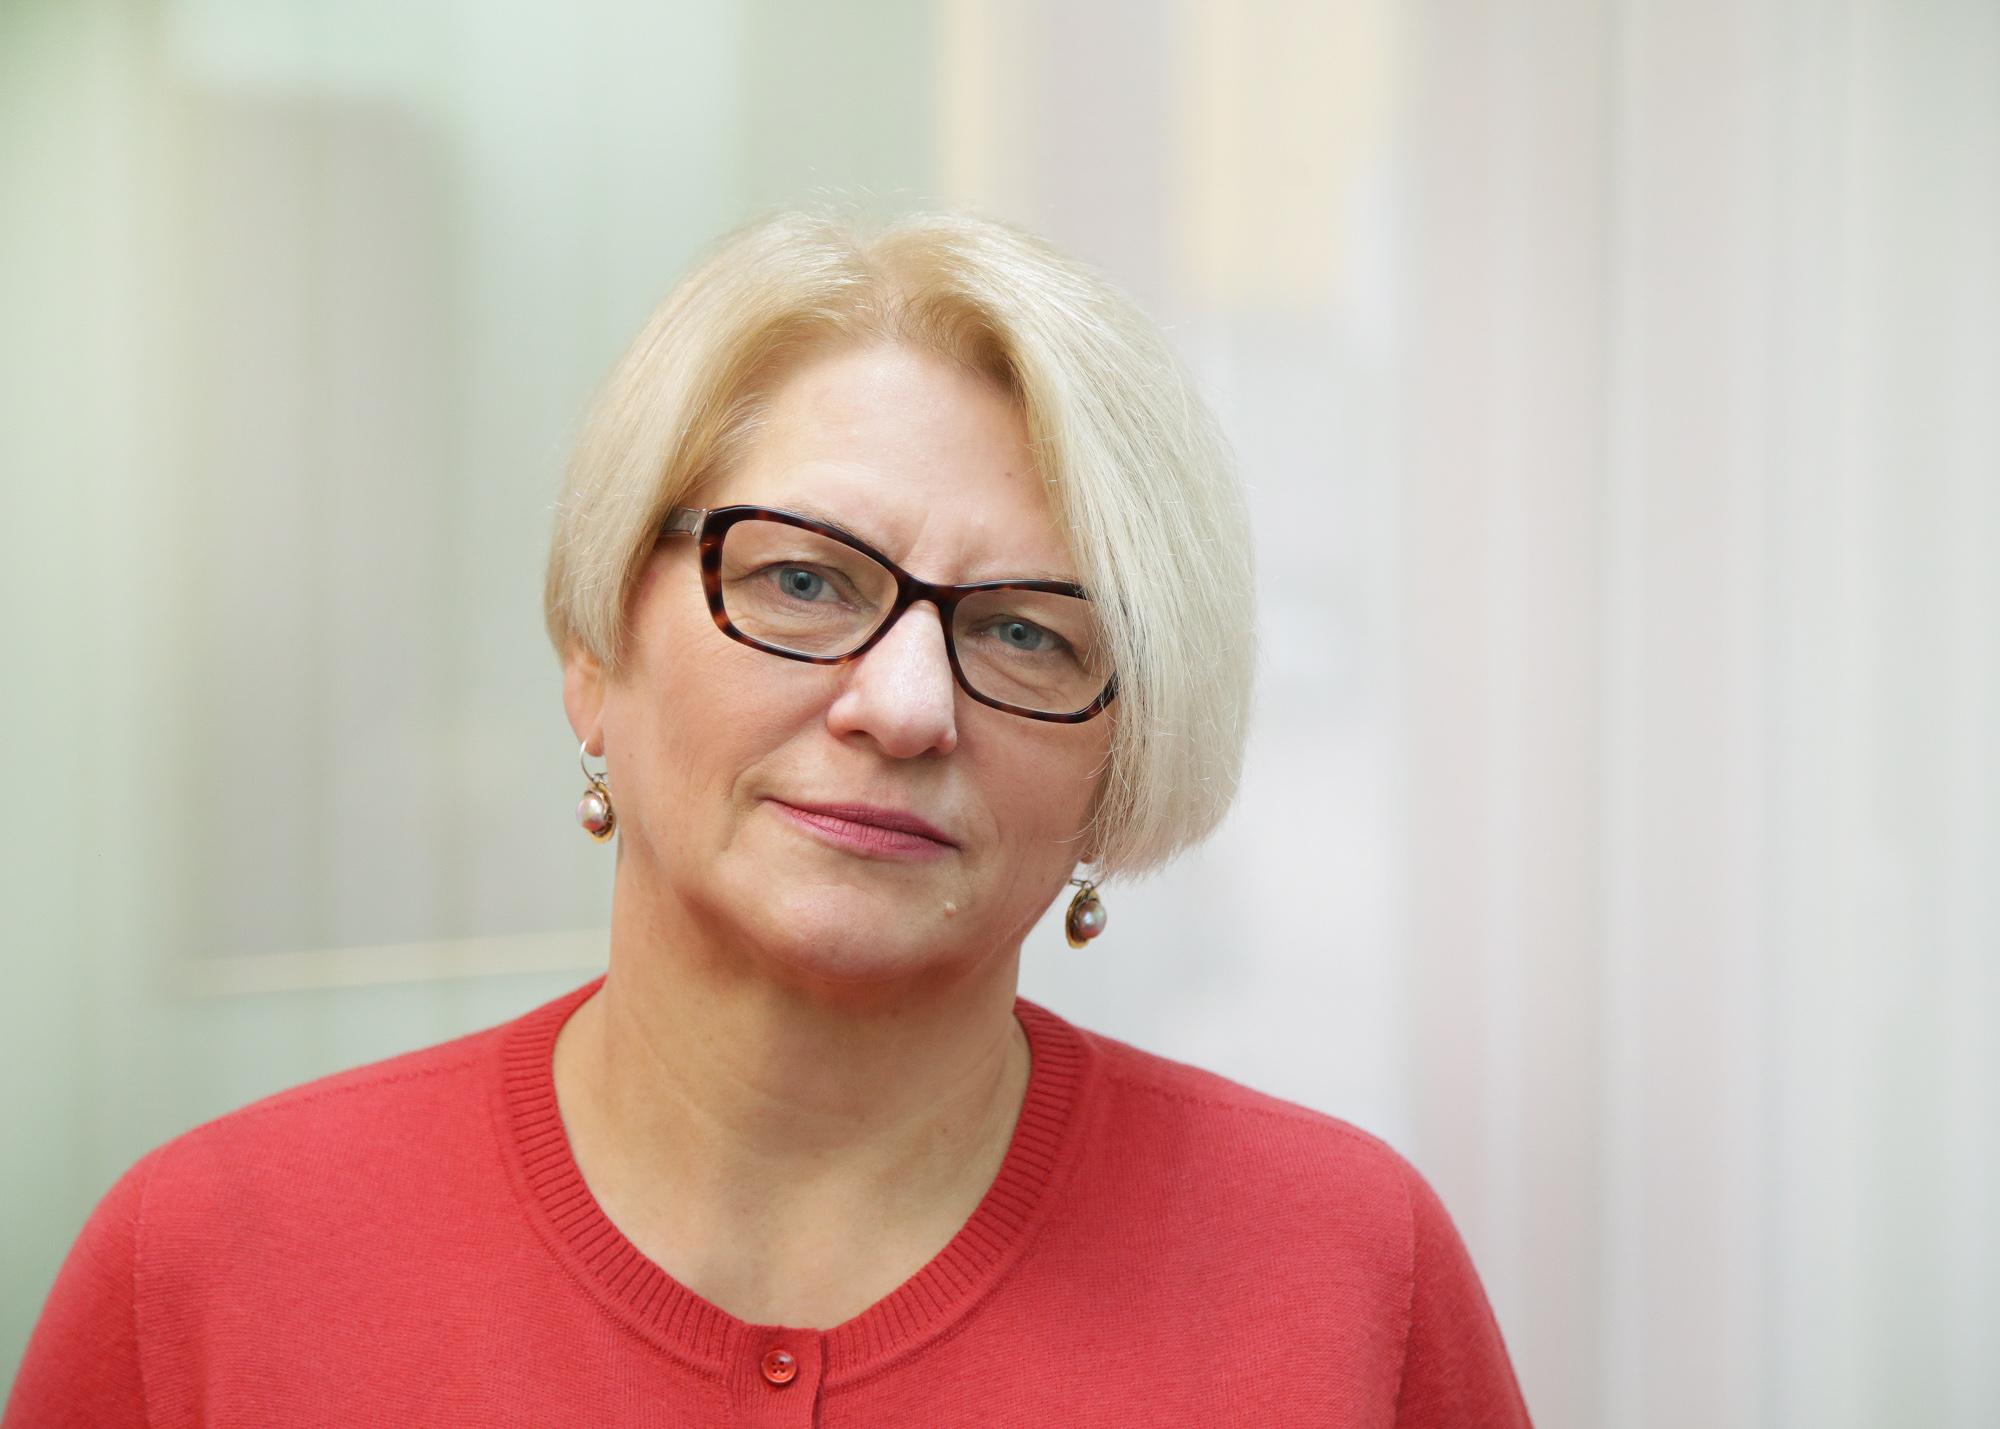 Tarybos narė N. Naujokienė, išgirdusi darbuotojų skundus, neslėpė pasipiktinimo dėl įmonės vadovų negebėjimo kalbėtis su žmonėmis, tartis, bendrauti.